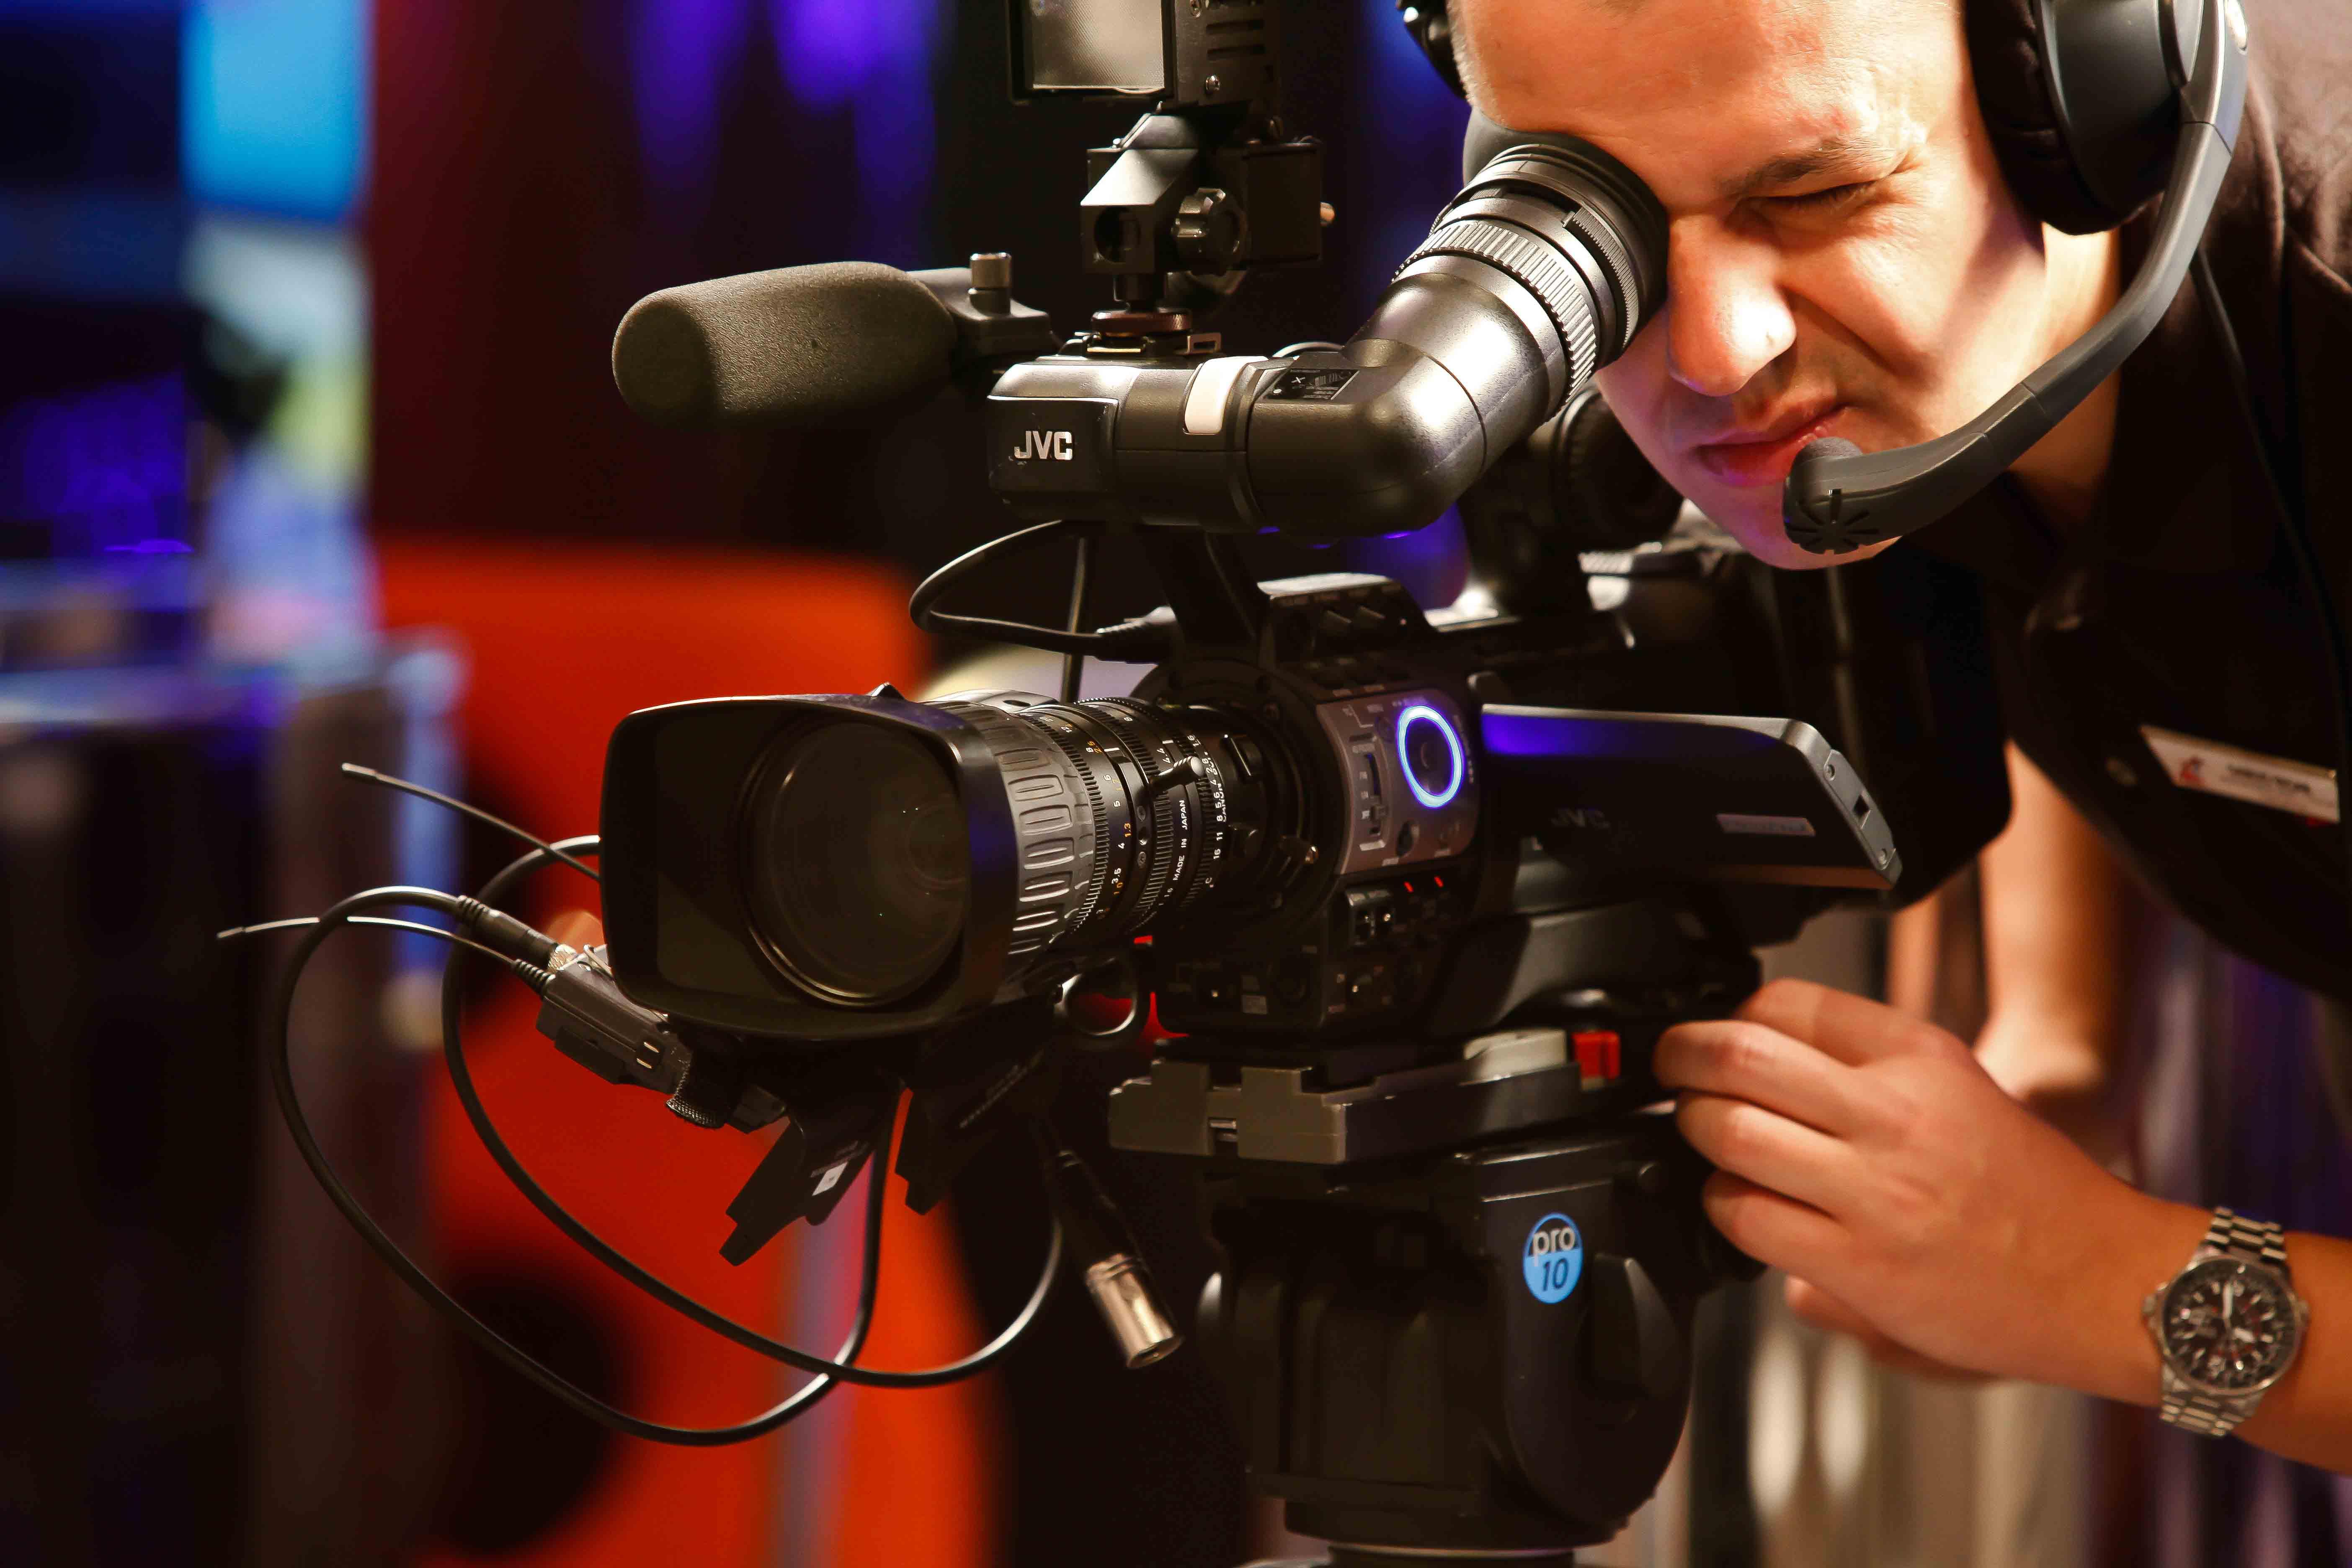 правильно вакансии фотографа в кино время